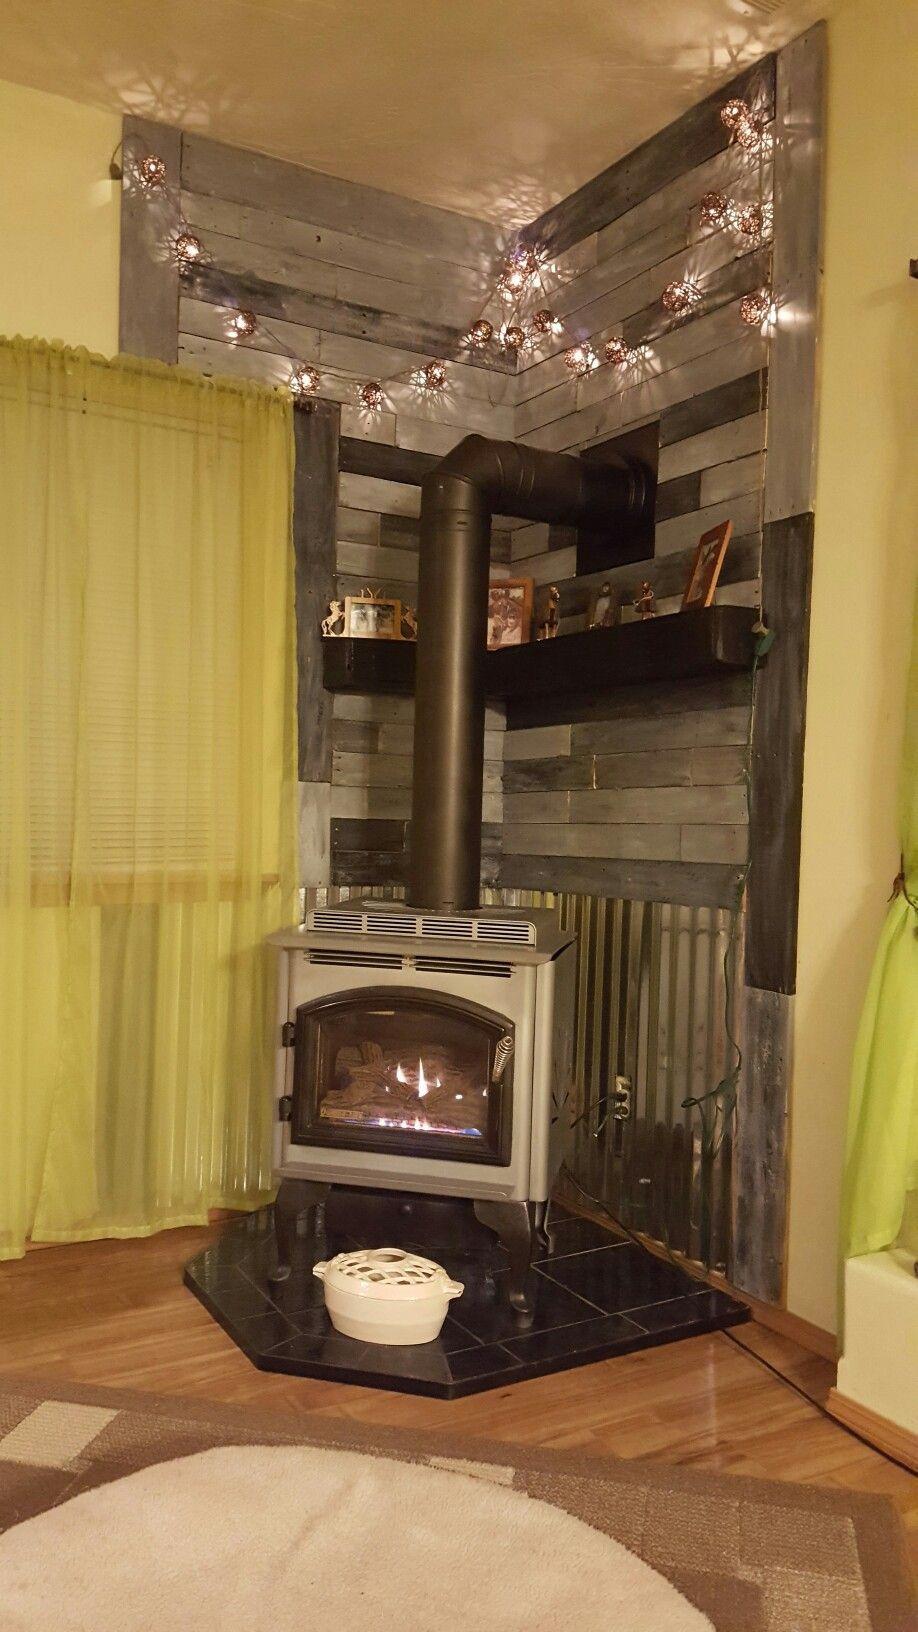 5 marvelous diy ideas floating shelves living room boho farmhouse rh pinterest com